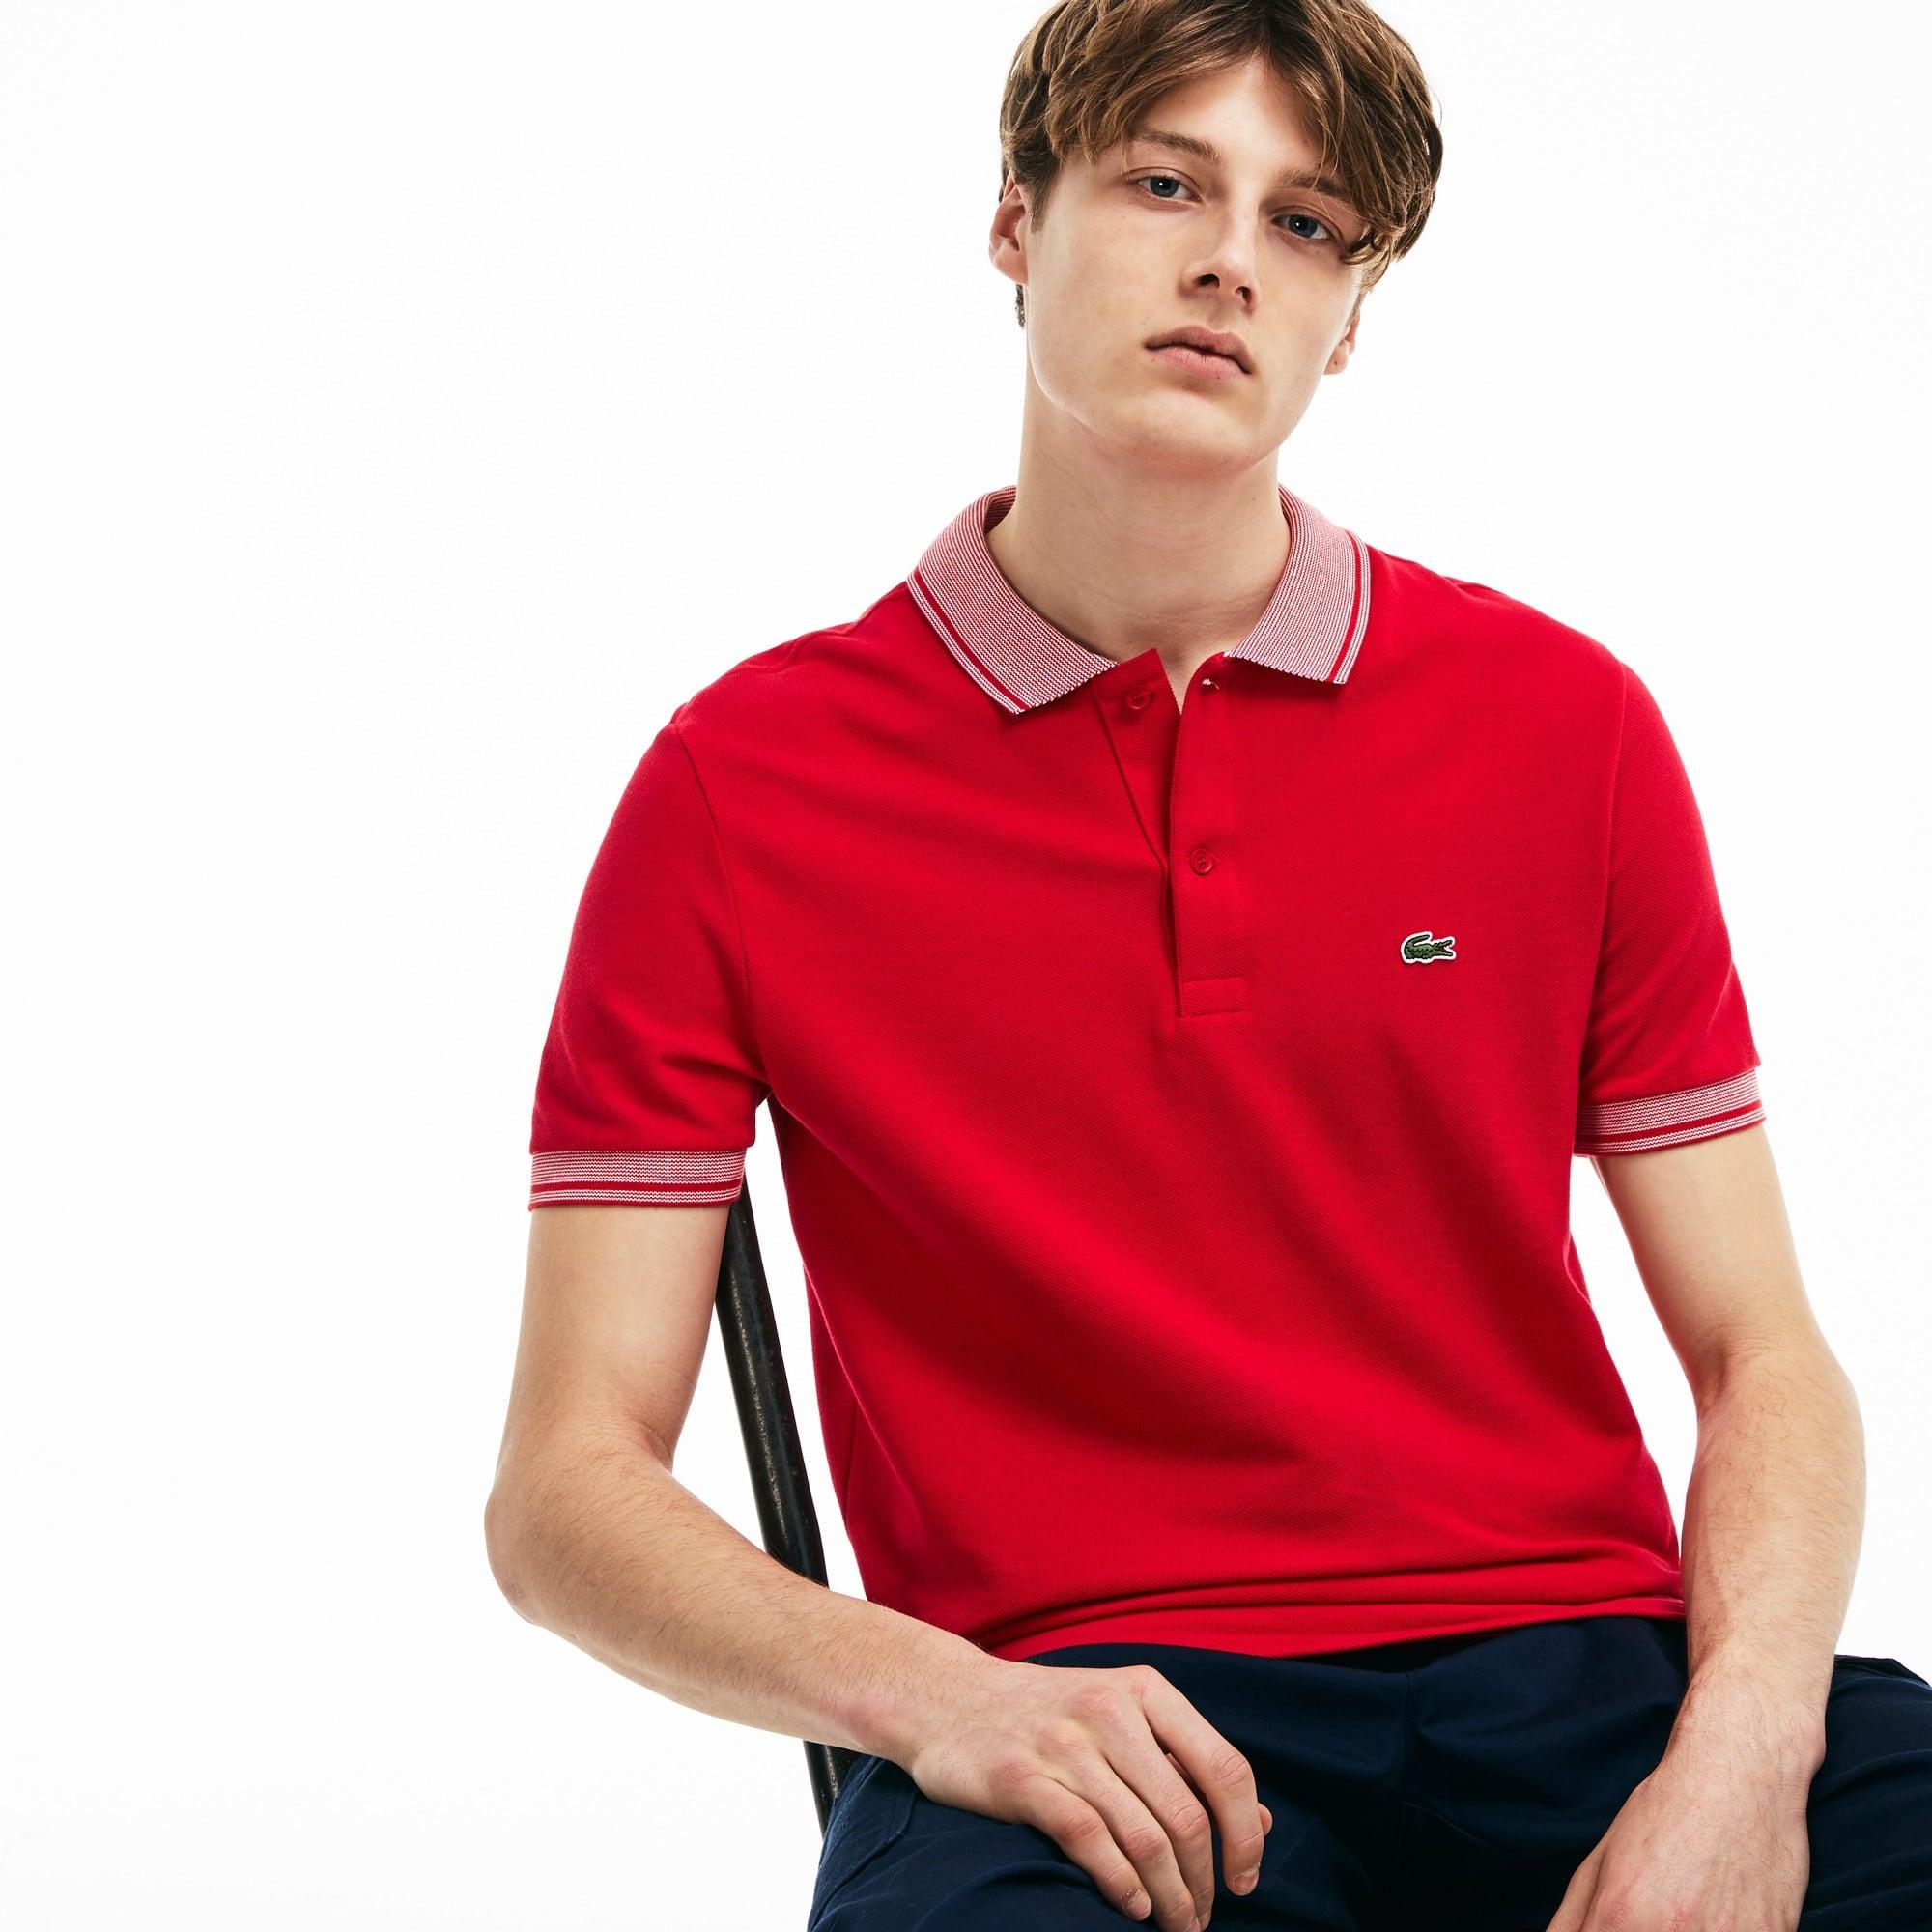 Men's Lacoste Regular Fit Piped Cotton Petit Piqué Polo Shirt